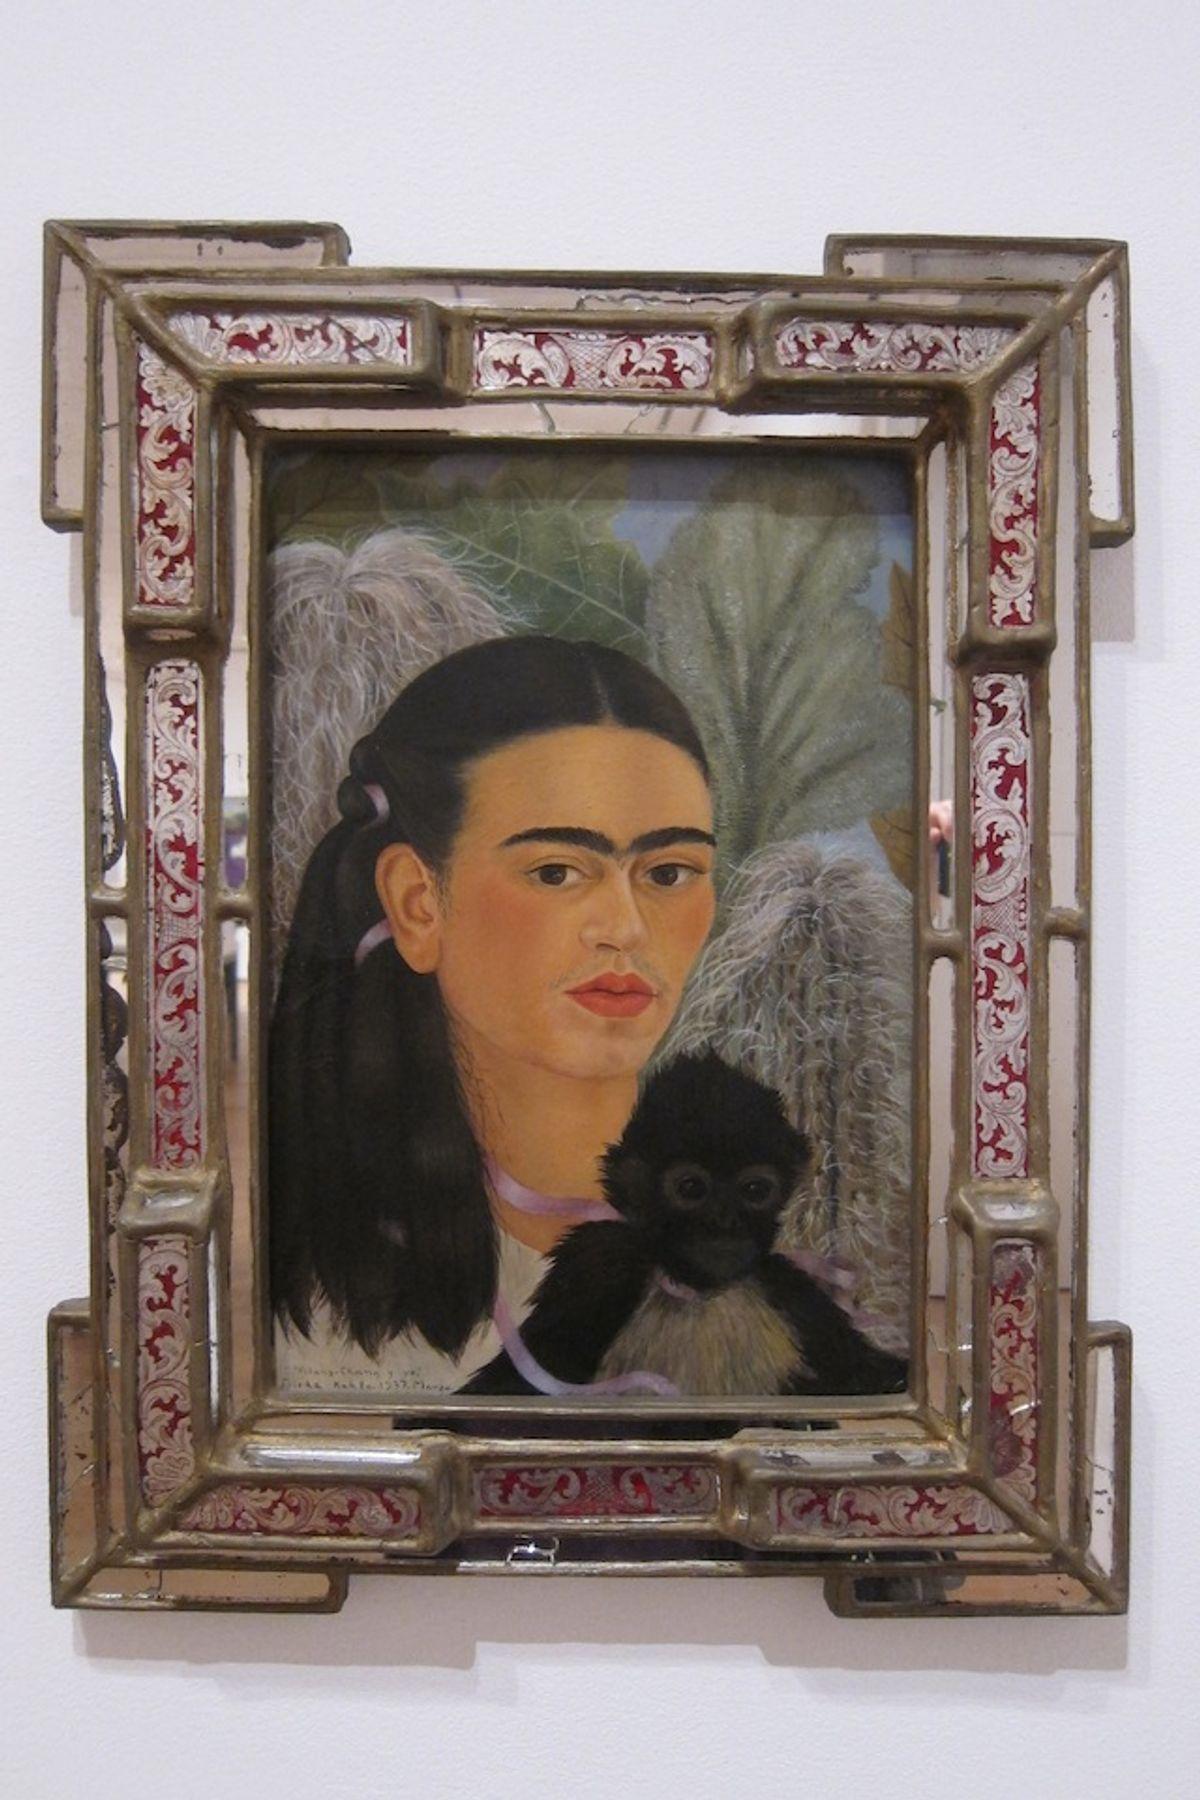 """Frida Kahlo, """"Fulang Chang and I,"""" (1937) (image via Flickr)"""